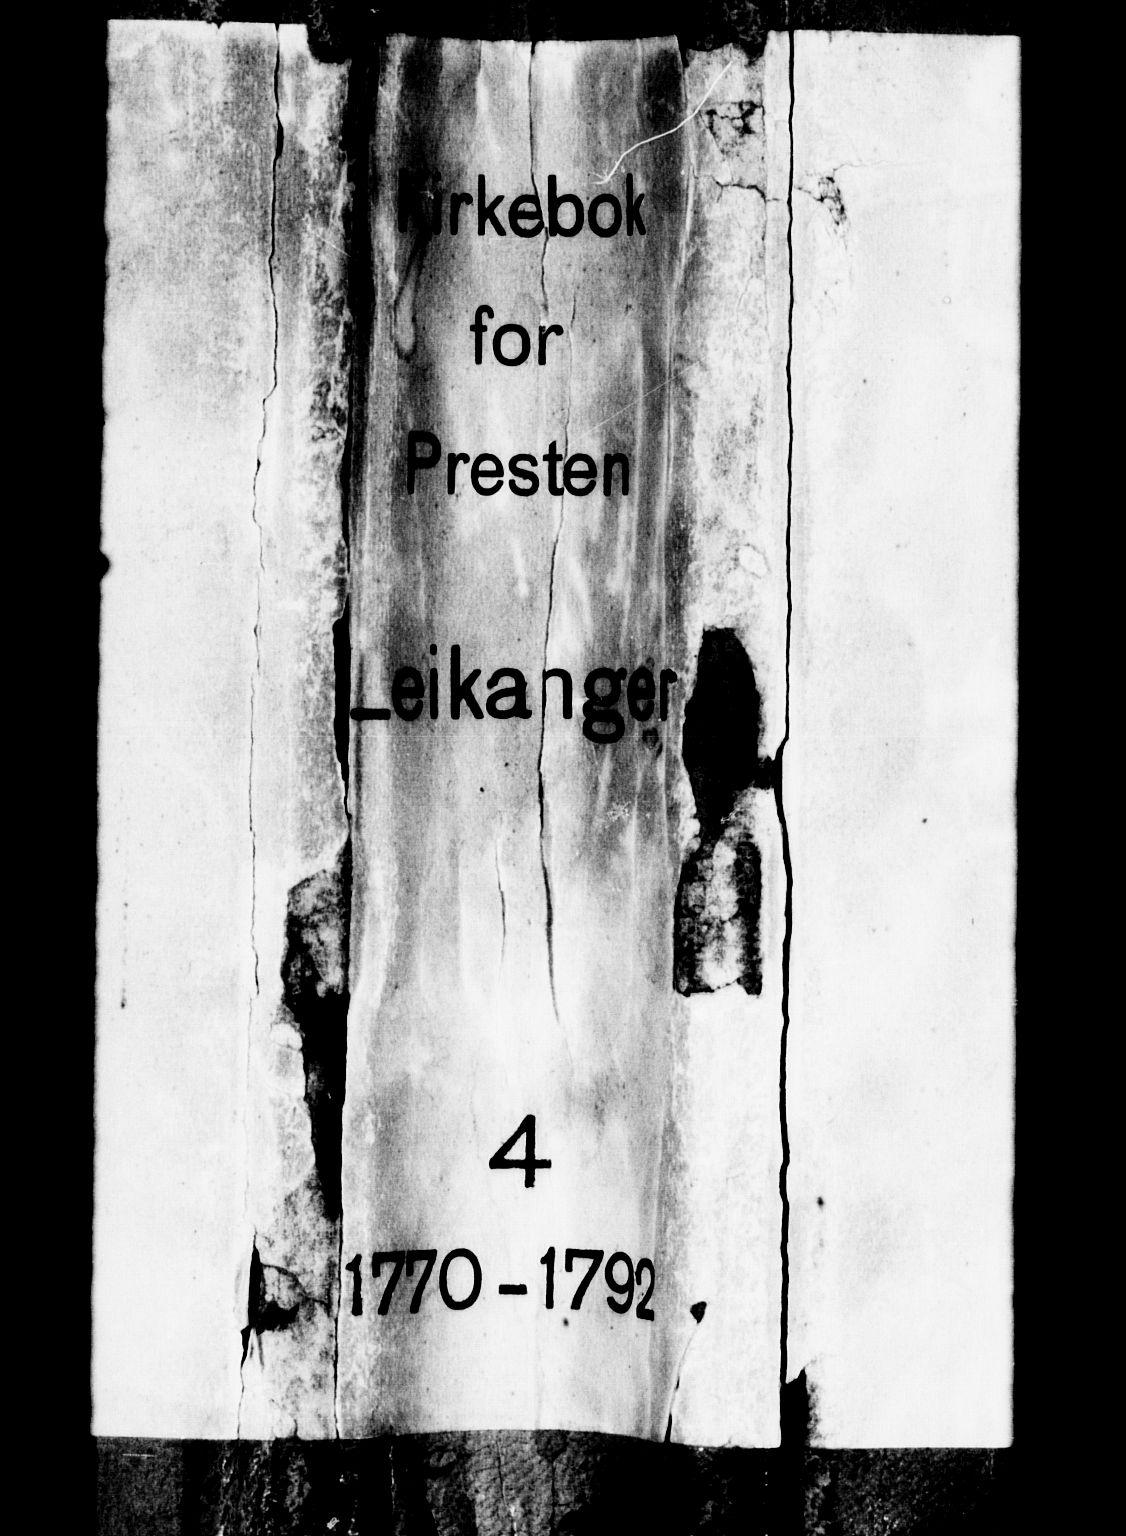 SAB, Leikanger Sokneprestembete, Ministerialbok nr. A 4, 1770-1791